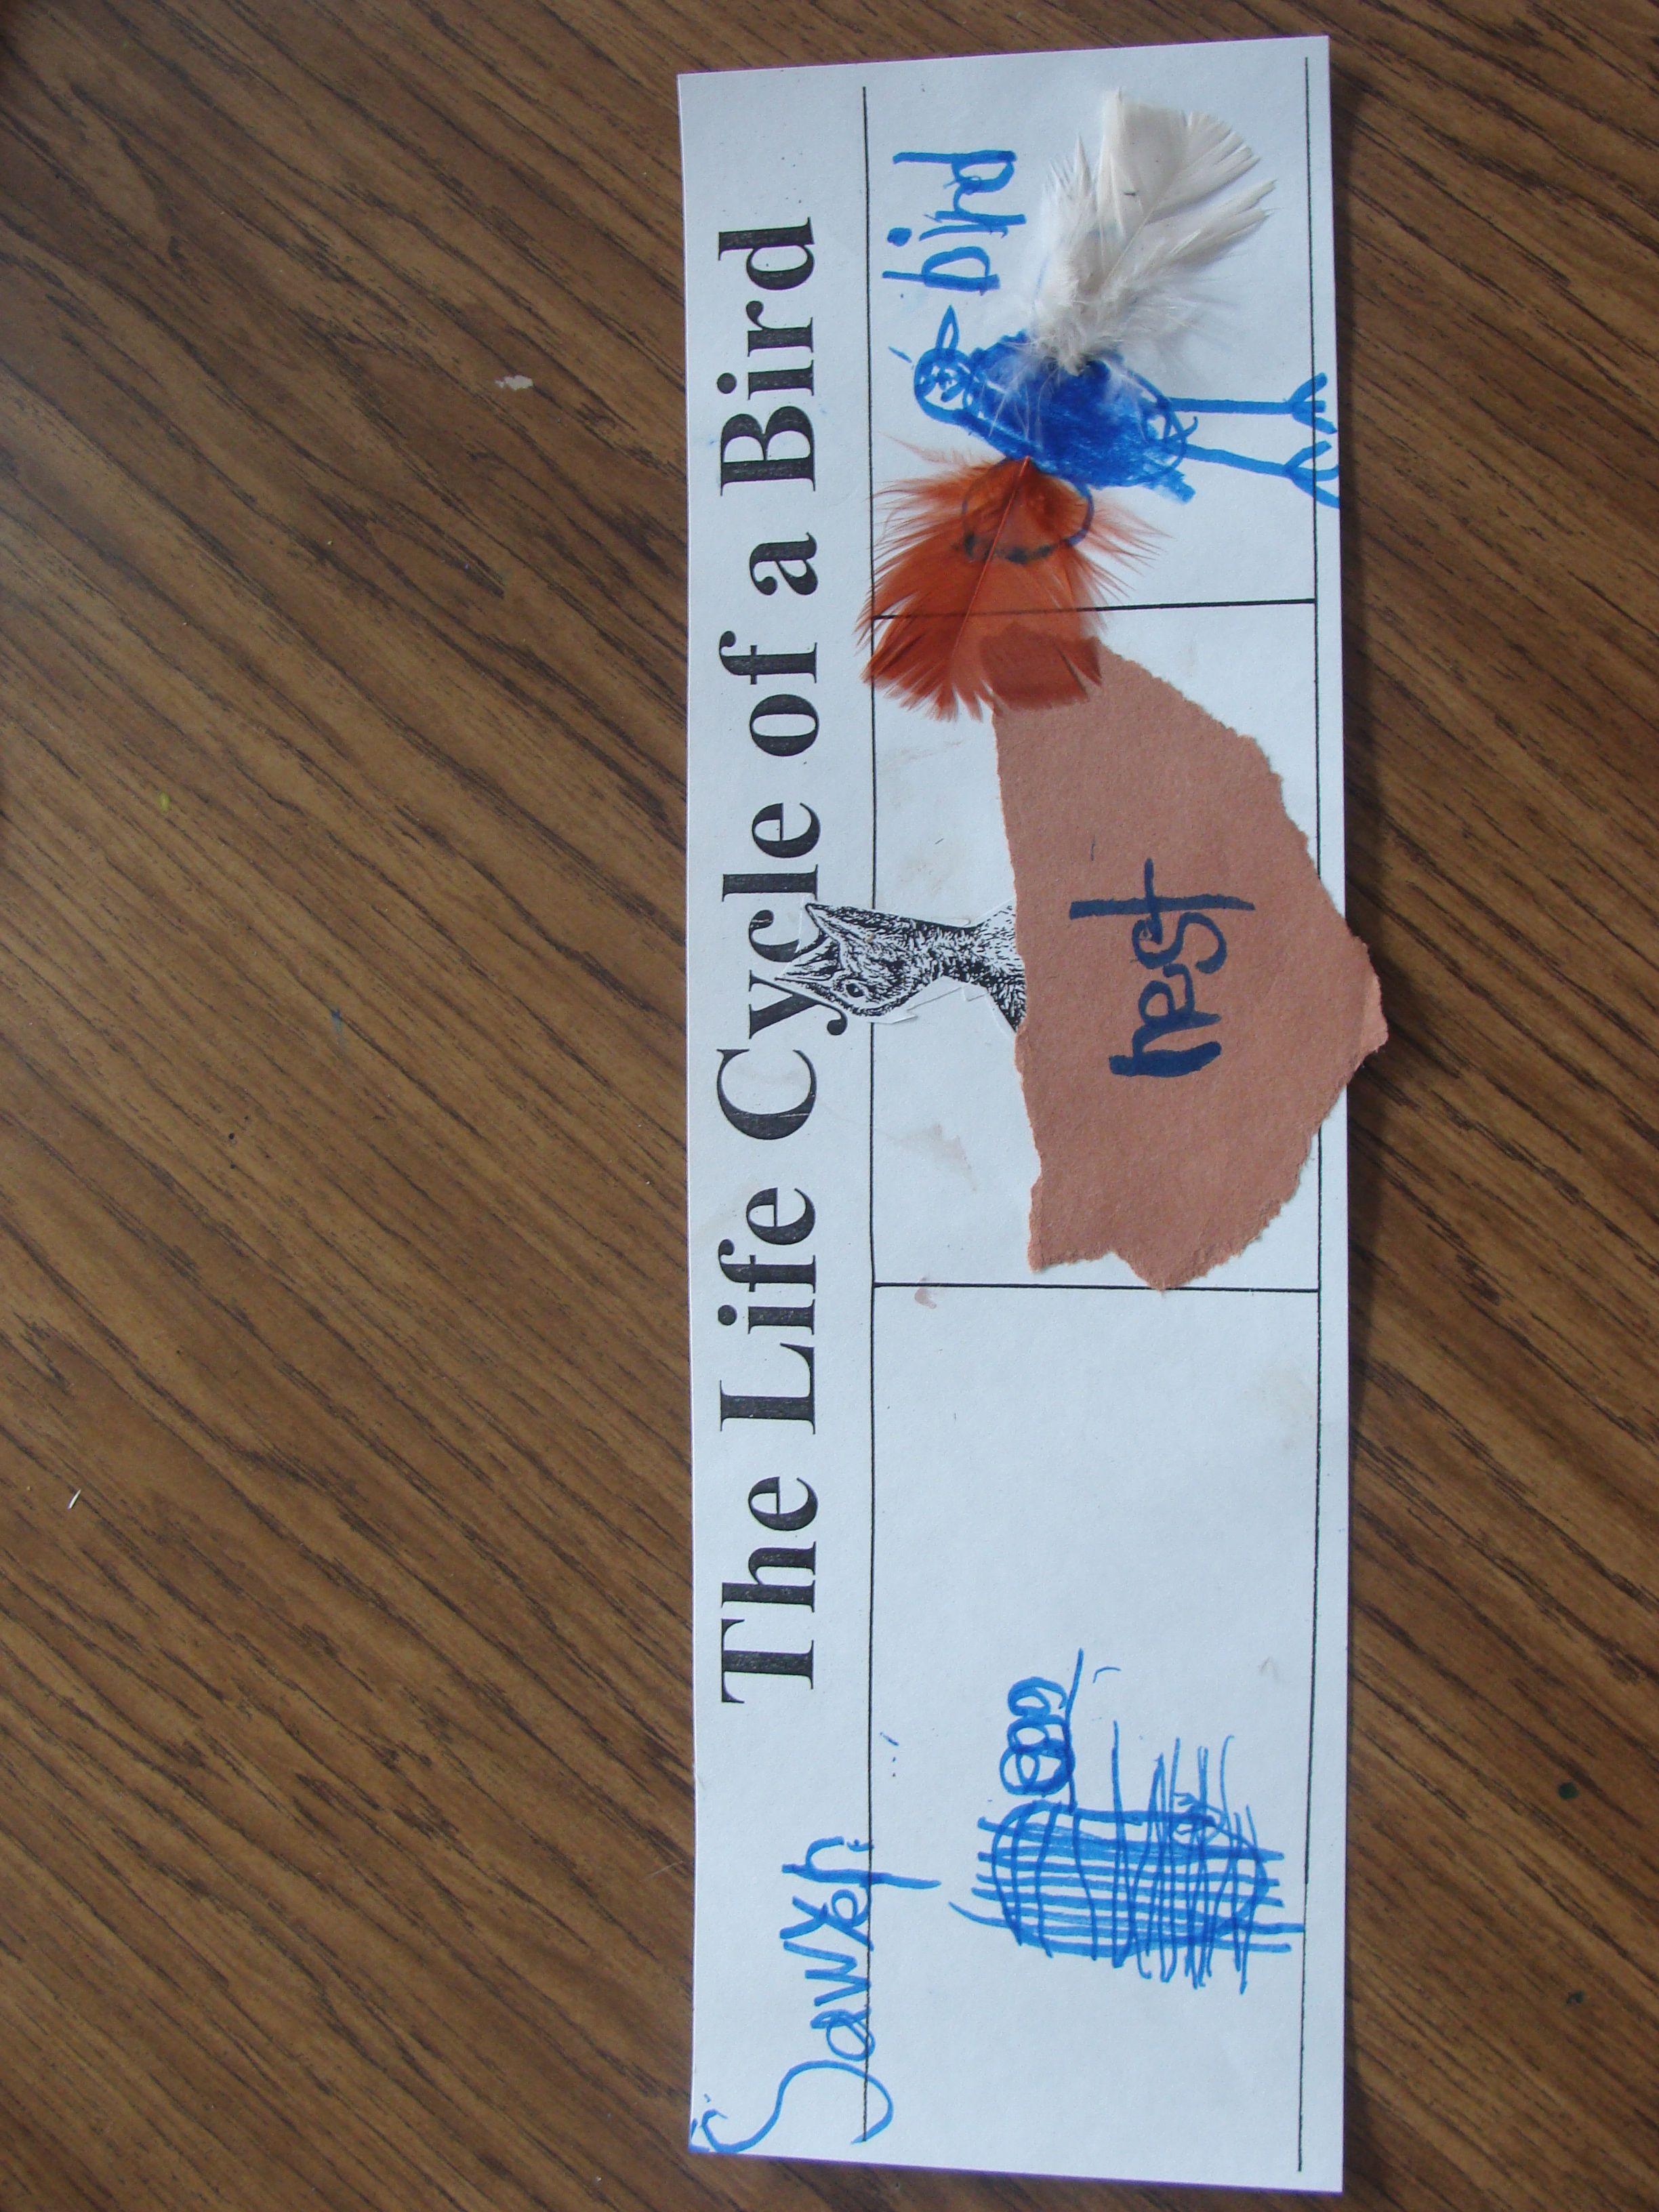 Davisonkindergarten Licensed For Non Commercial Use Only